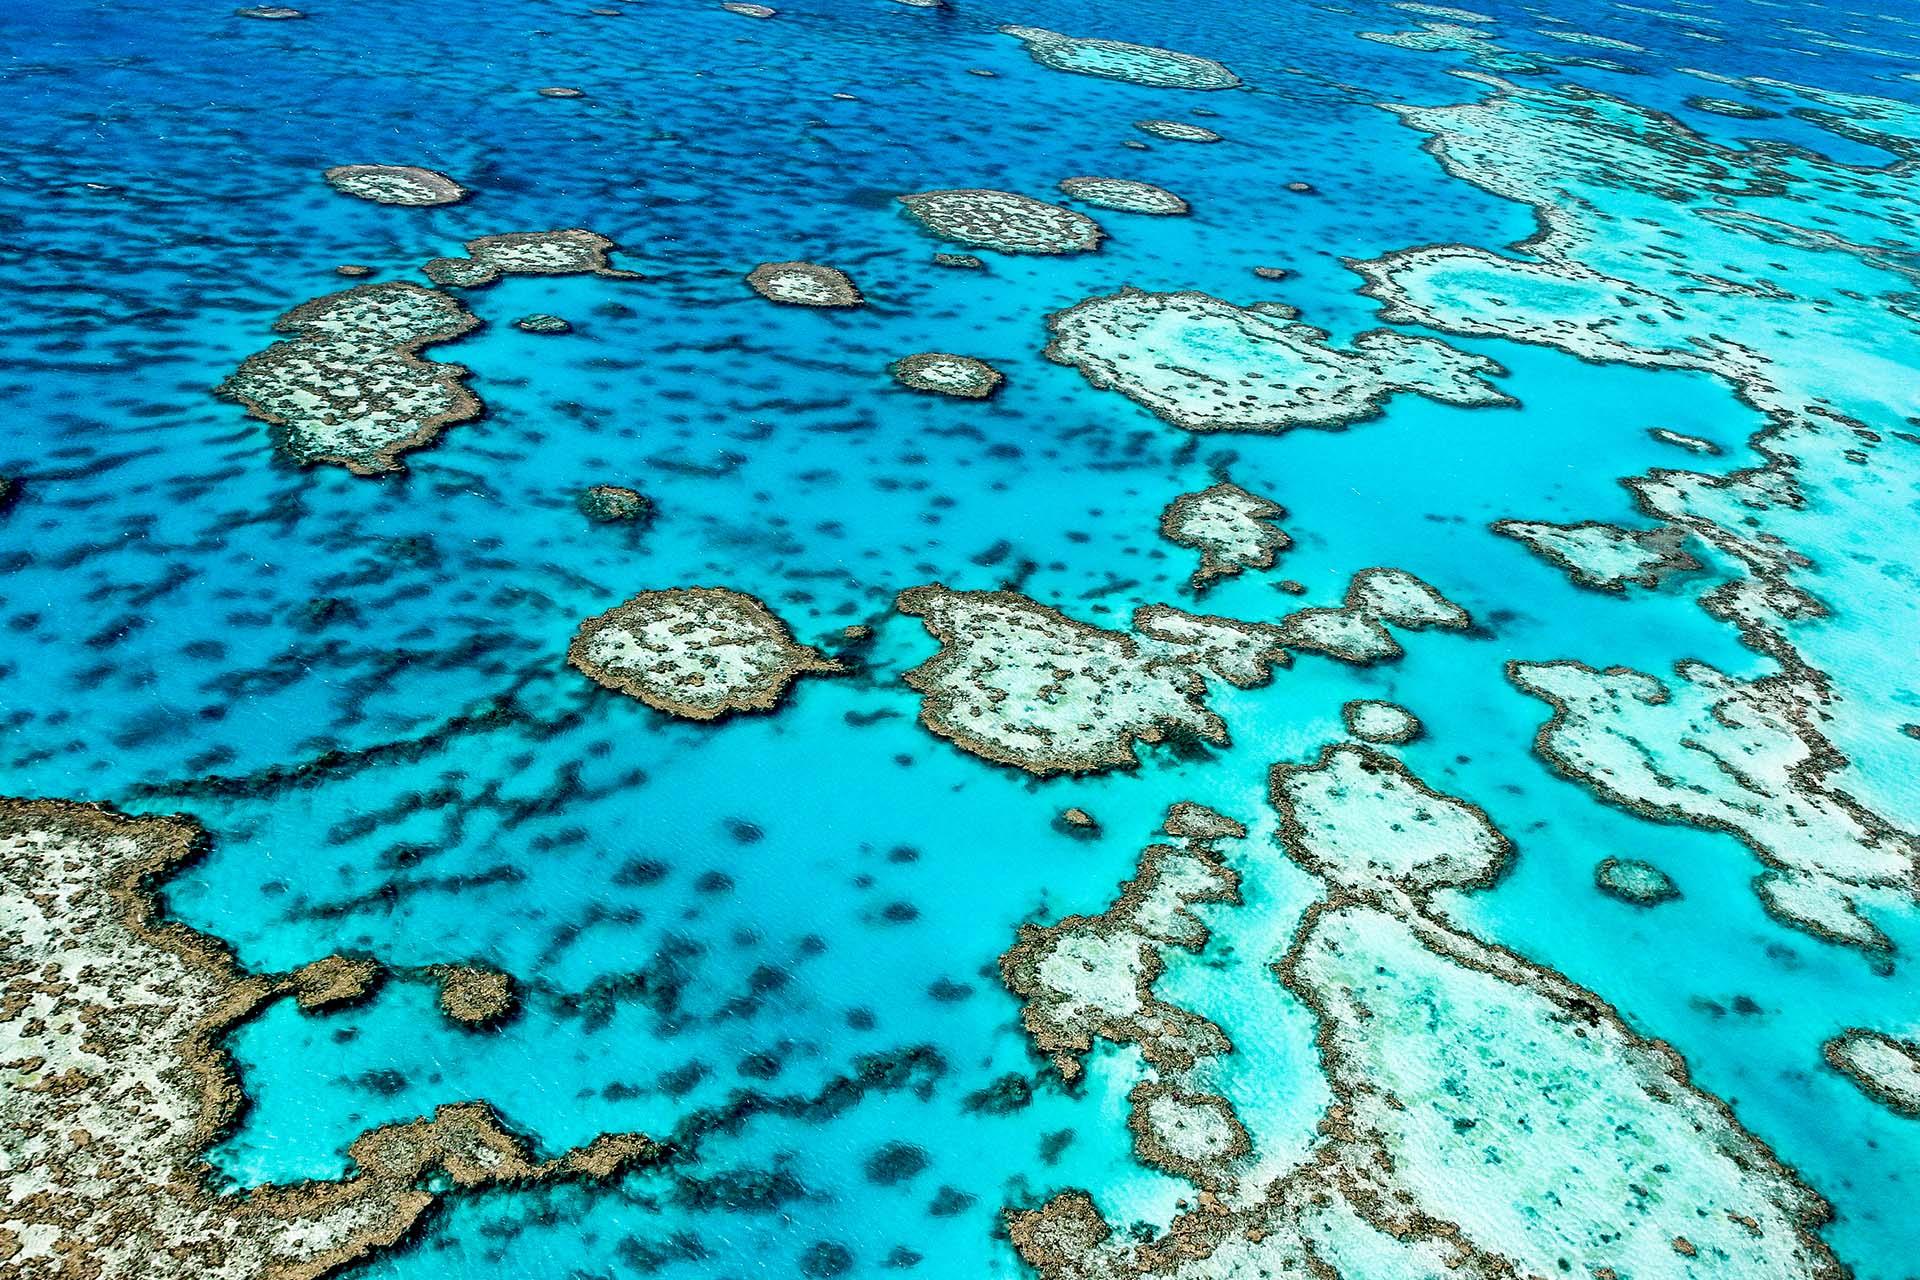 Ubicada frente a la costa noreste de Australia, la Gran Barrera de Coral tiene 2,300 km de largo, lo que la convierte en el sistema de arrecifes de coral más grande del mundo y una de las siete maravillas naturales del mundo. Para poner el tamaño en perspectiva, el arrecife es el único ser vivo visible desde el espacio y es más grande que la Gran Muralla de China